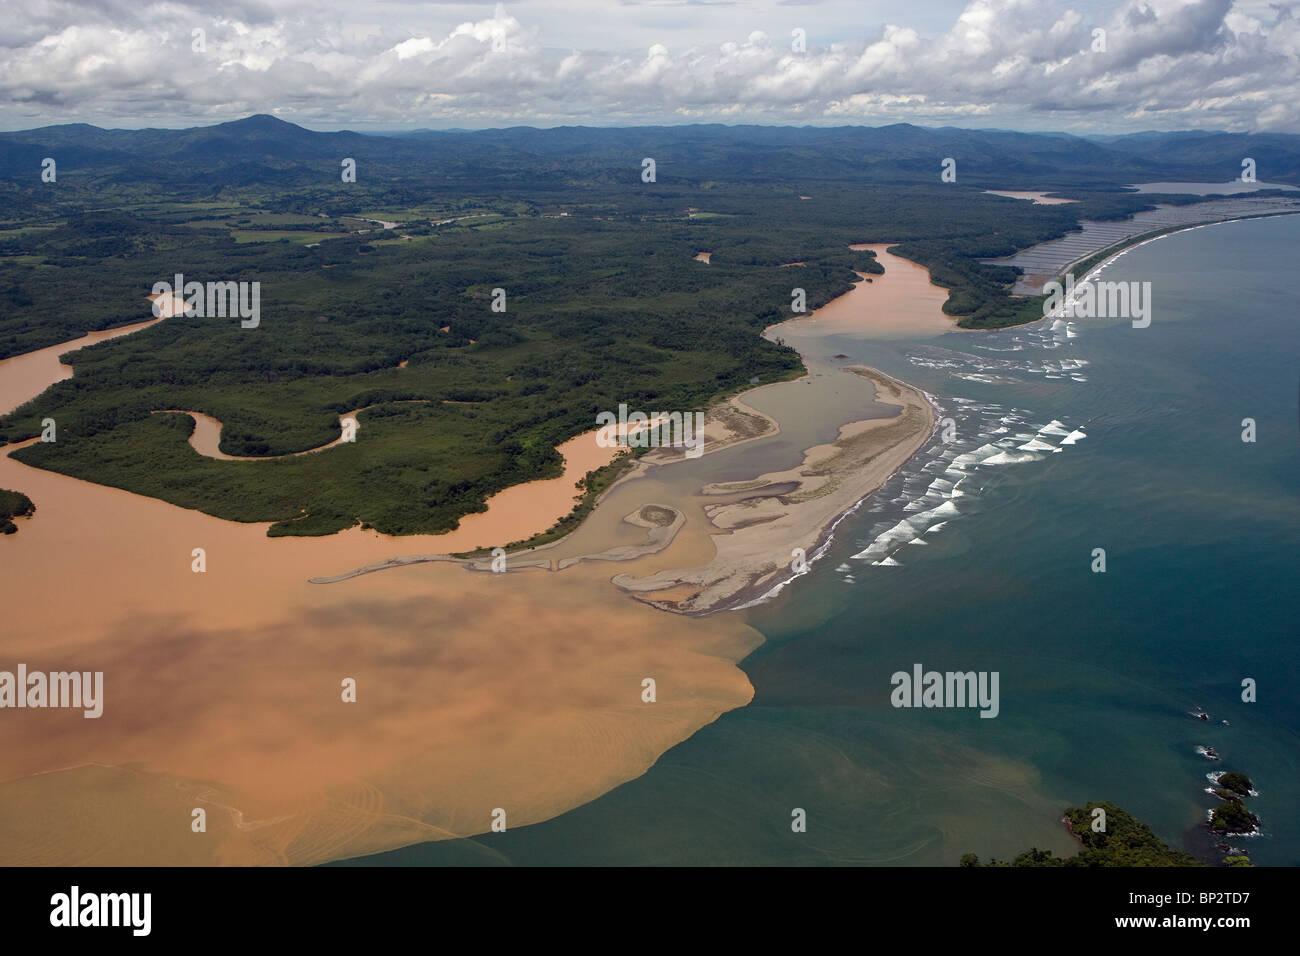 Vista aérea por encima de los sedimentos fangosos lleno río que fluye en el océano Pacífico, Imagen De Stock